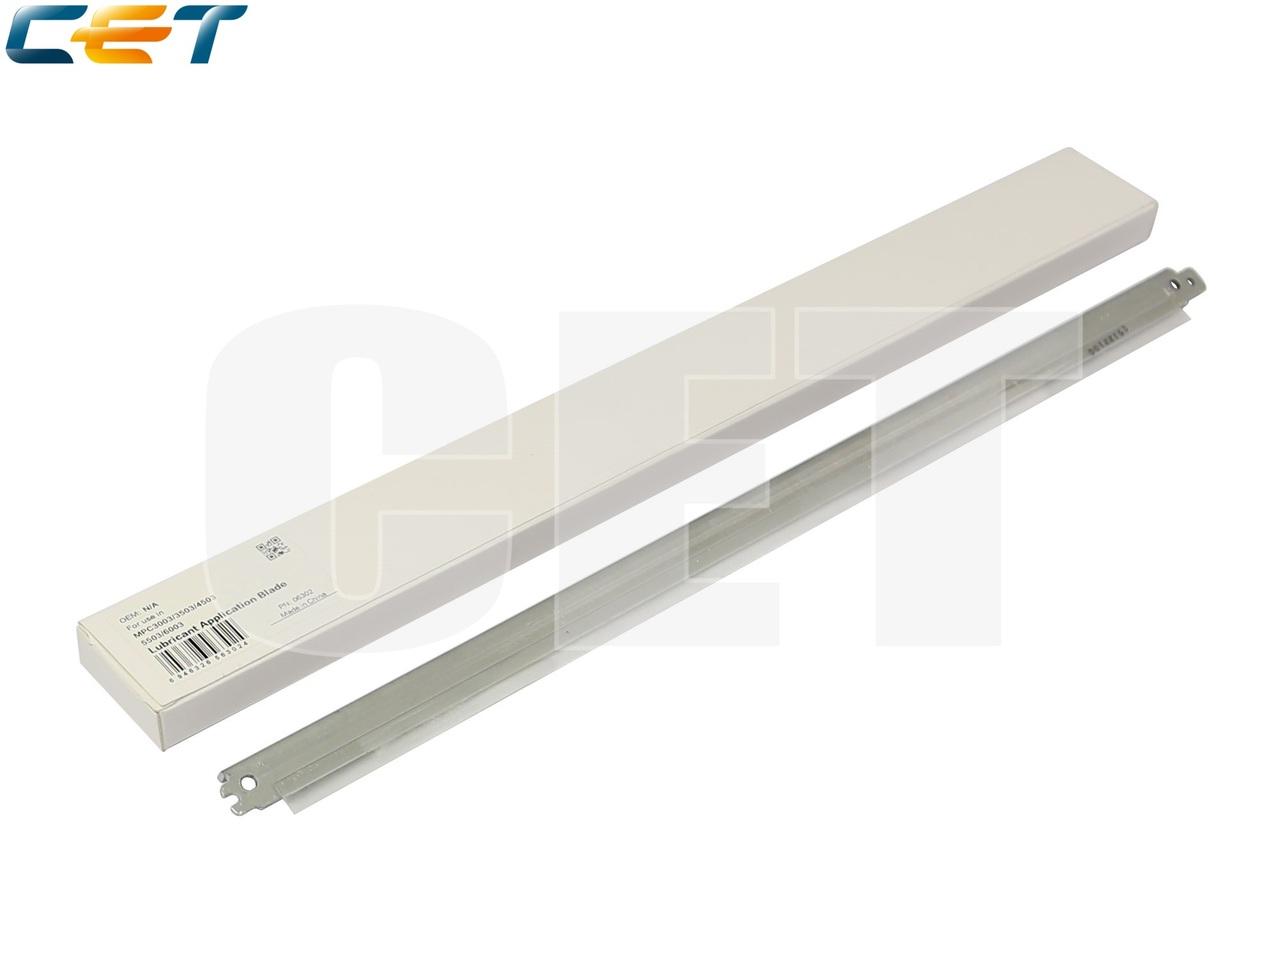 Смазывающее лезвие для RICOHMPC3003/MPC3503/MPC4503/MPC5503/MPC6003 (CET),CET6302